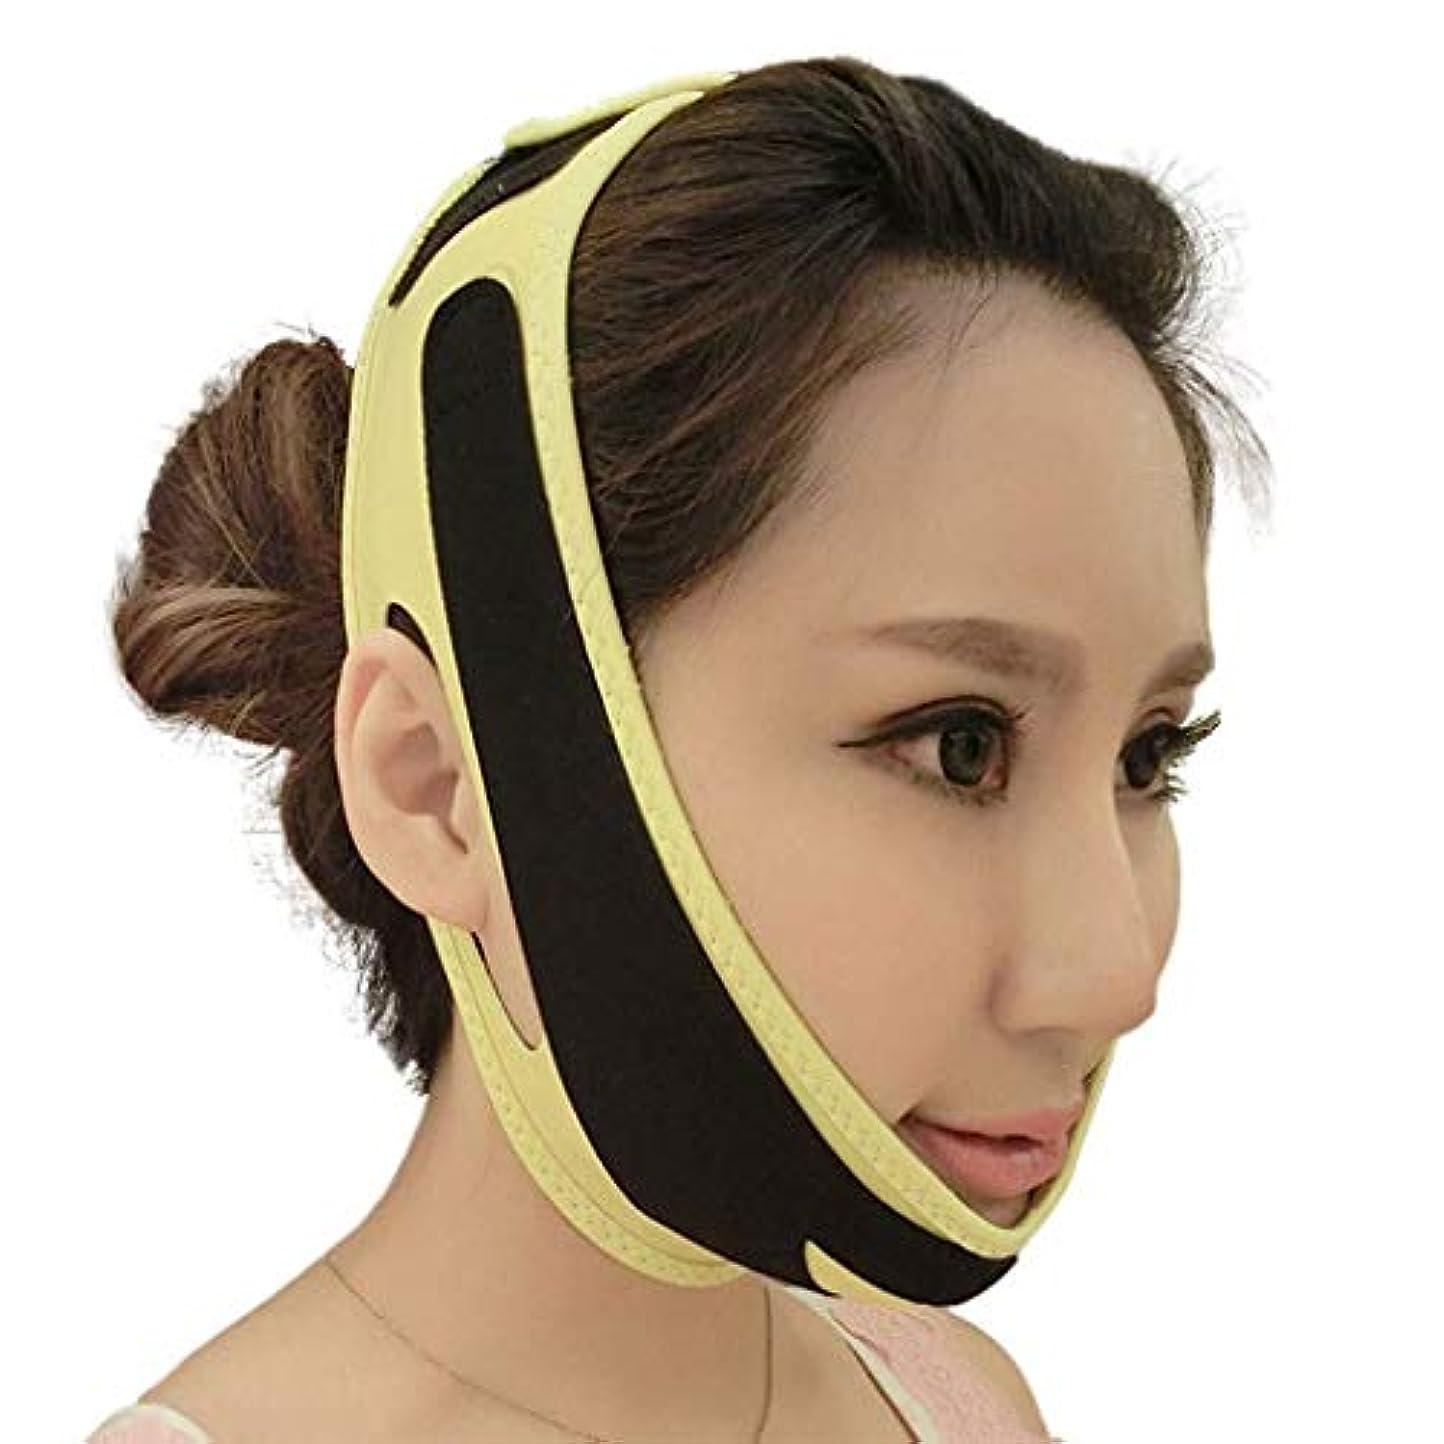 同僚成長する希少性顔の持ち上がる細くの伸縮性があるベルト、 フェイススリミングマスク、フェイスリフト包帯Vフェイスベルトフェイスリフトバンド 女性用バンドを持ち上げる